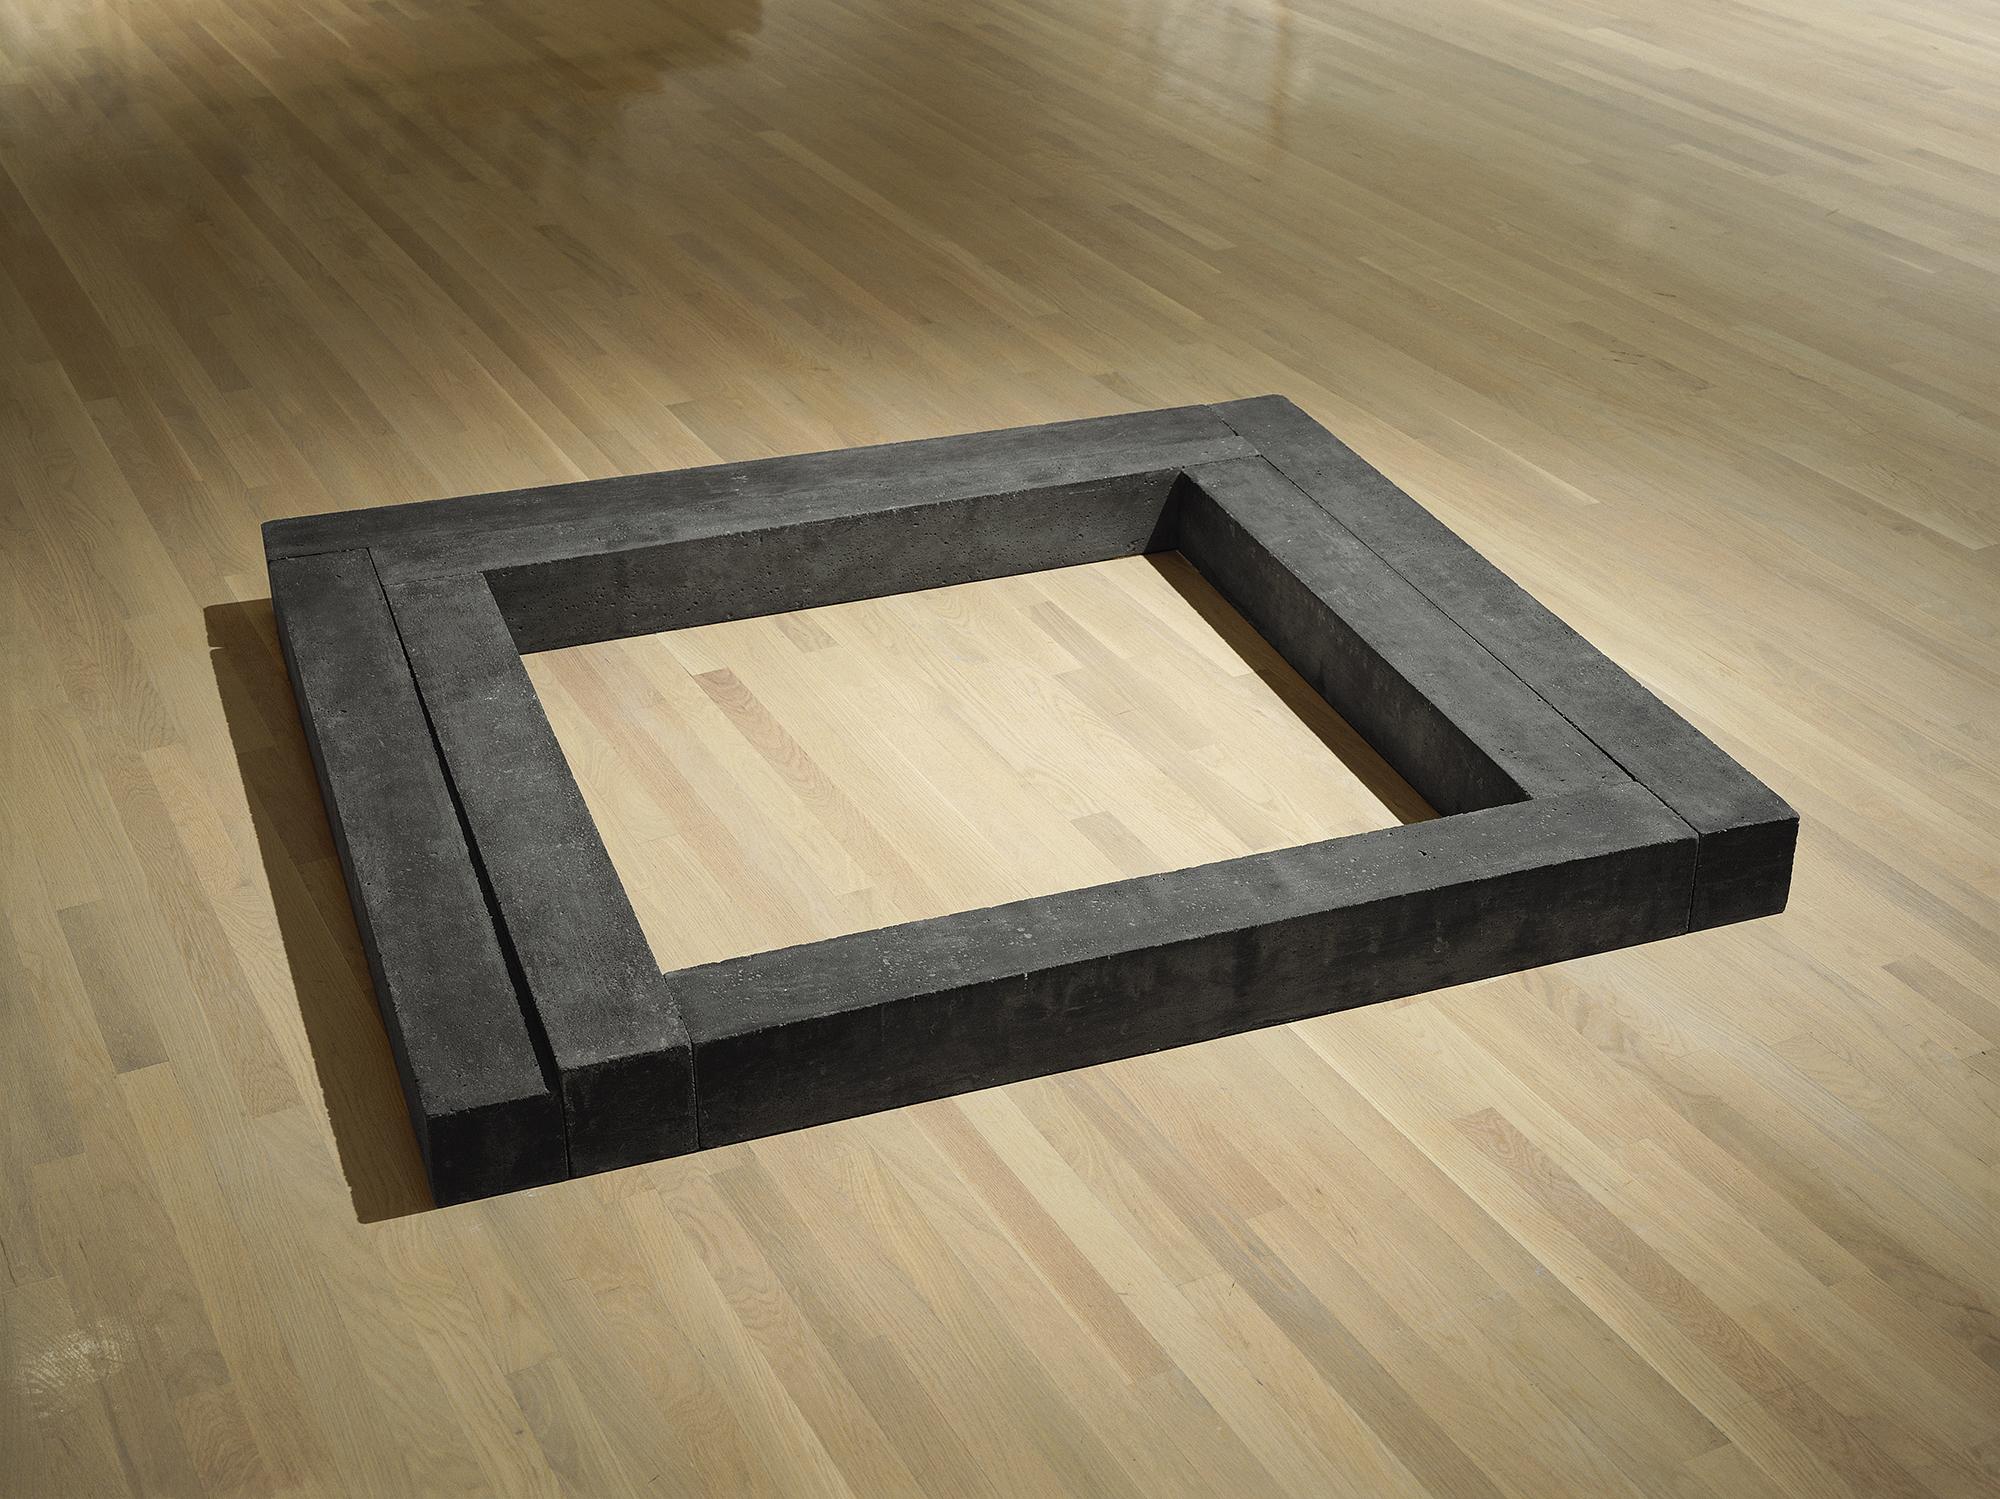 Quadrature (1978)   Ciment, 14 x 164 x 144.6 cm, collection du Musée d'art contemporain de Montréal.photo : Richard-Max Tremblay